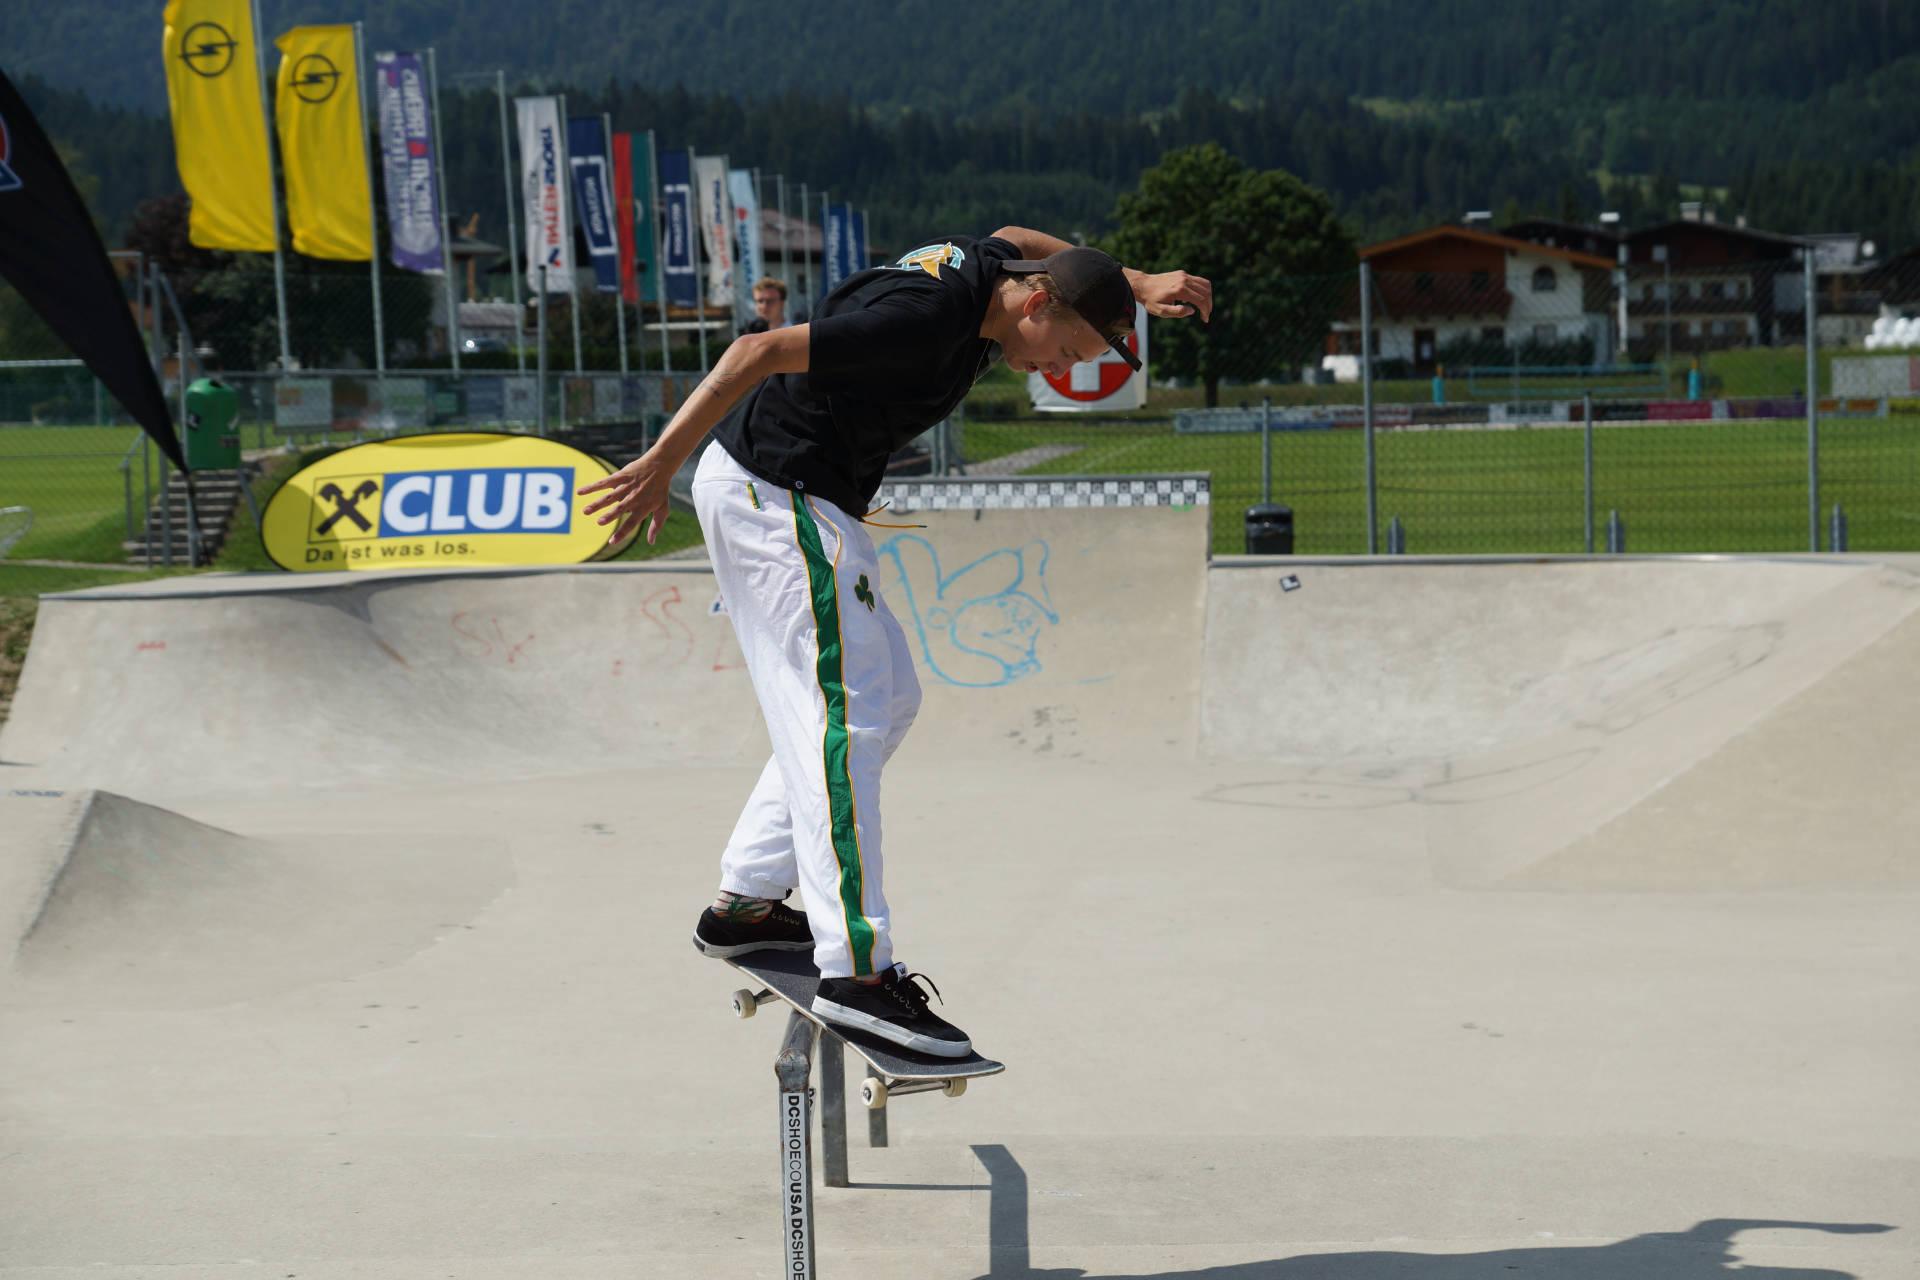 skateboardheadz st johann in tirol kgt 2019 finale 00030